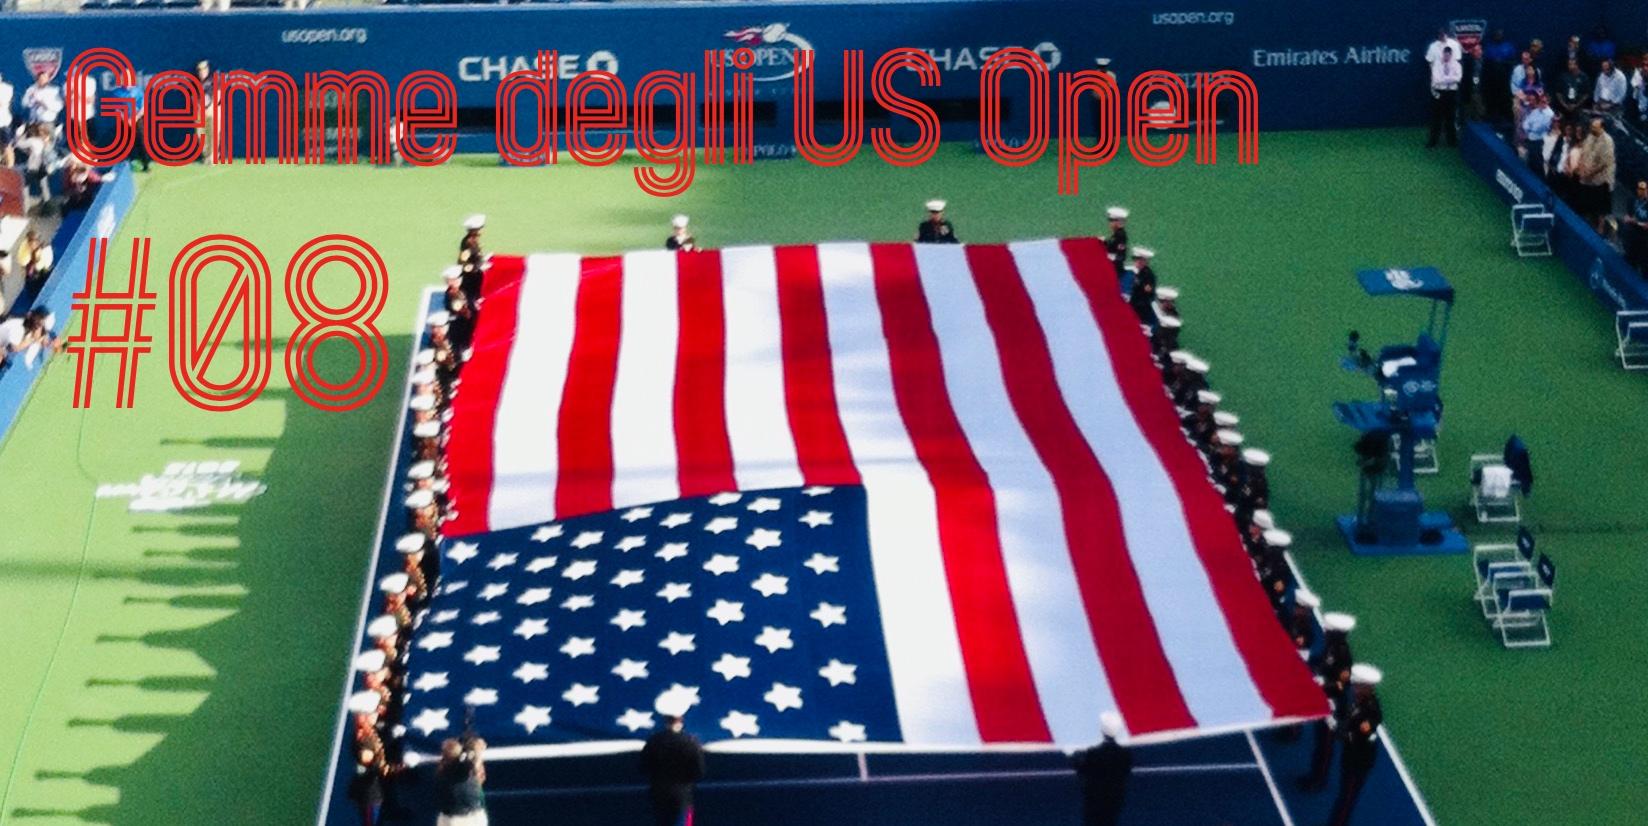 Gemme degli US Open #8 - settesei.it